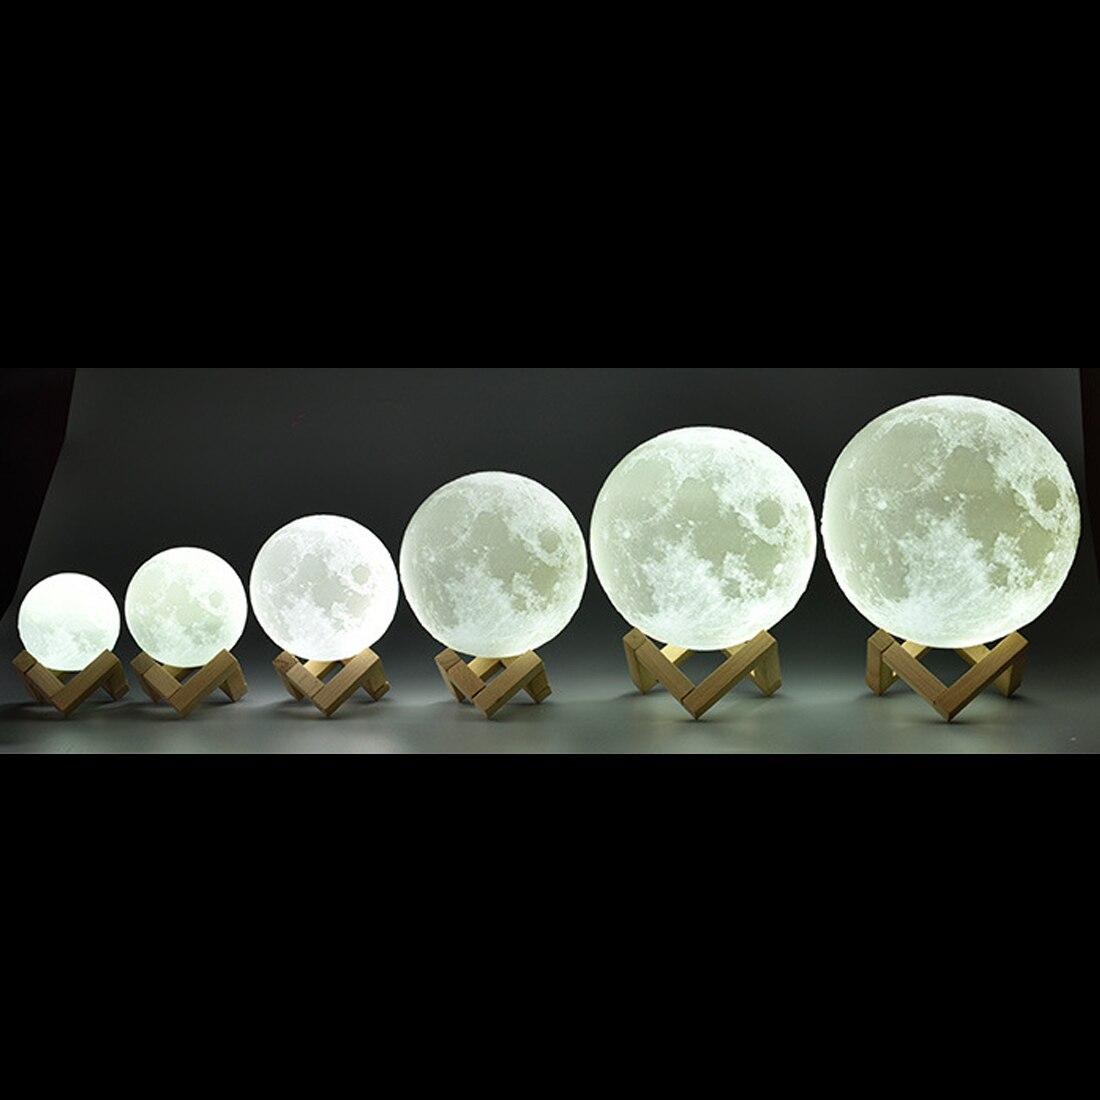 Wiederaufladbare Mond Lampe 2 Farbe Ändern 3D Licht Touch Schalter 3D Druck Lampe Mond Schlafzimmer Bücherregal Nachtlicht Kreative Geschenke